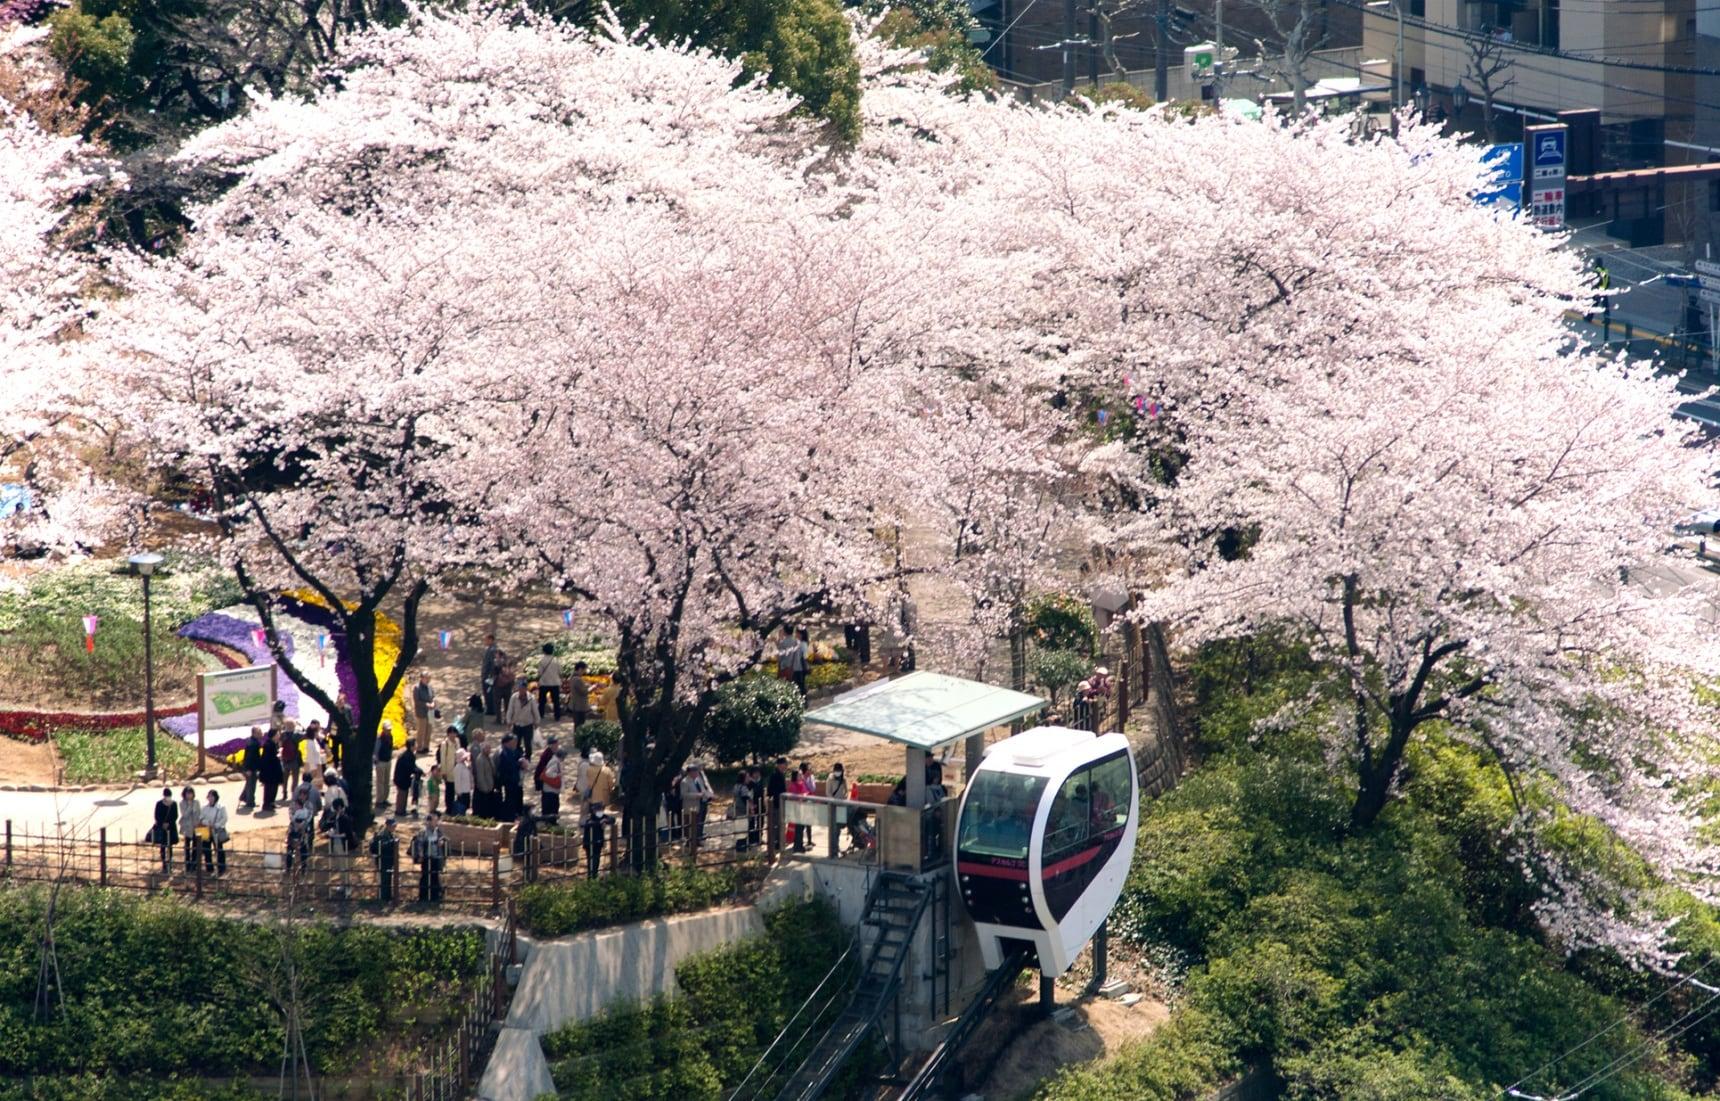 แนะนำ 7 สถานที่ท่องเที่ยวเข้าฟรีในโตเกียว